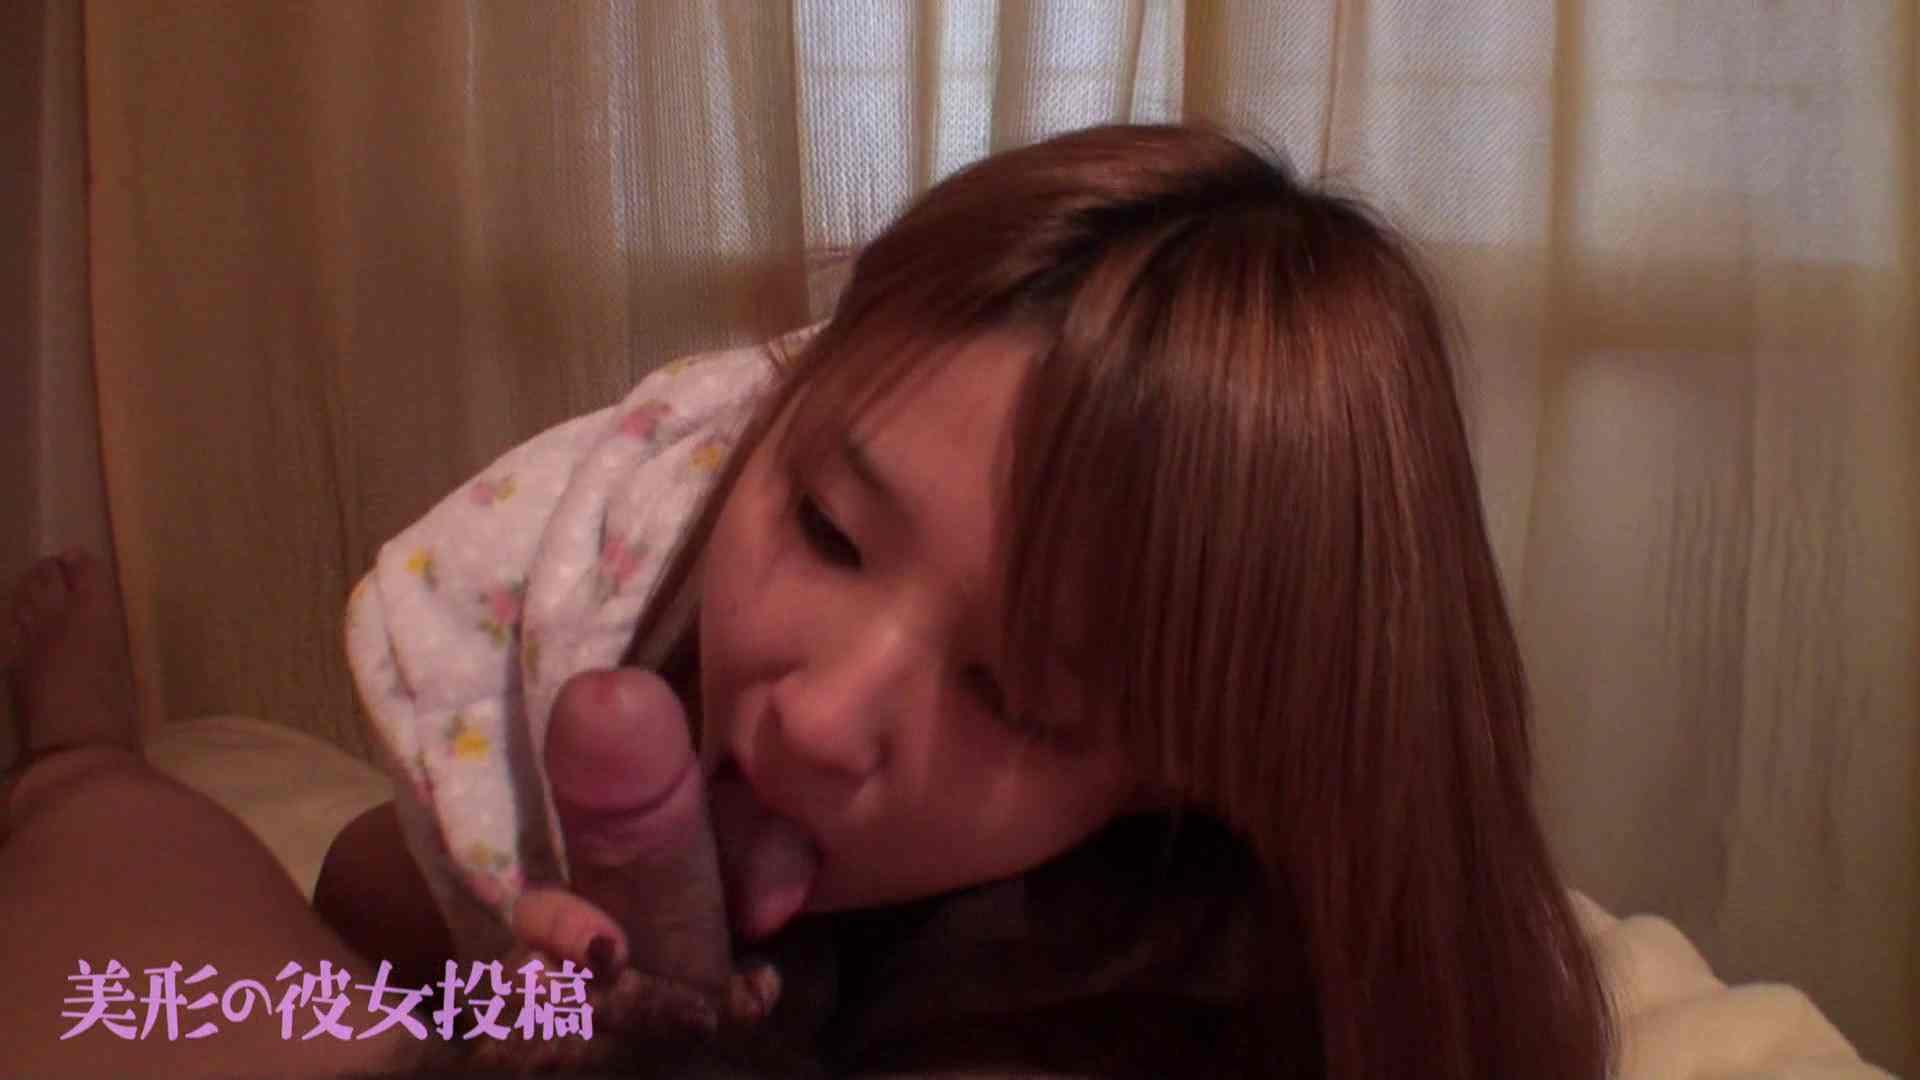 超美形の彼女を投稿!!04 シャワー  90PIX 28